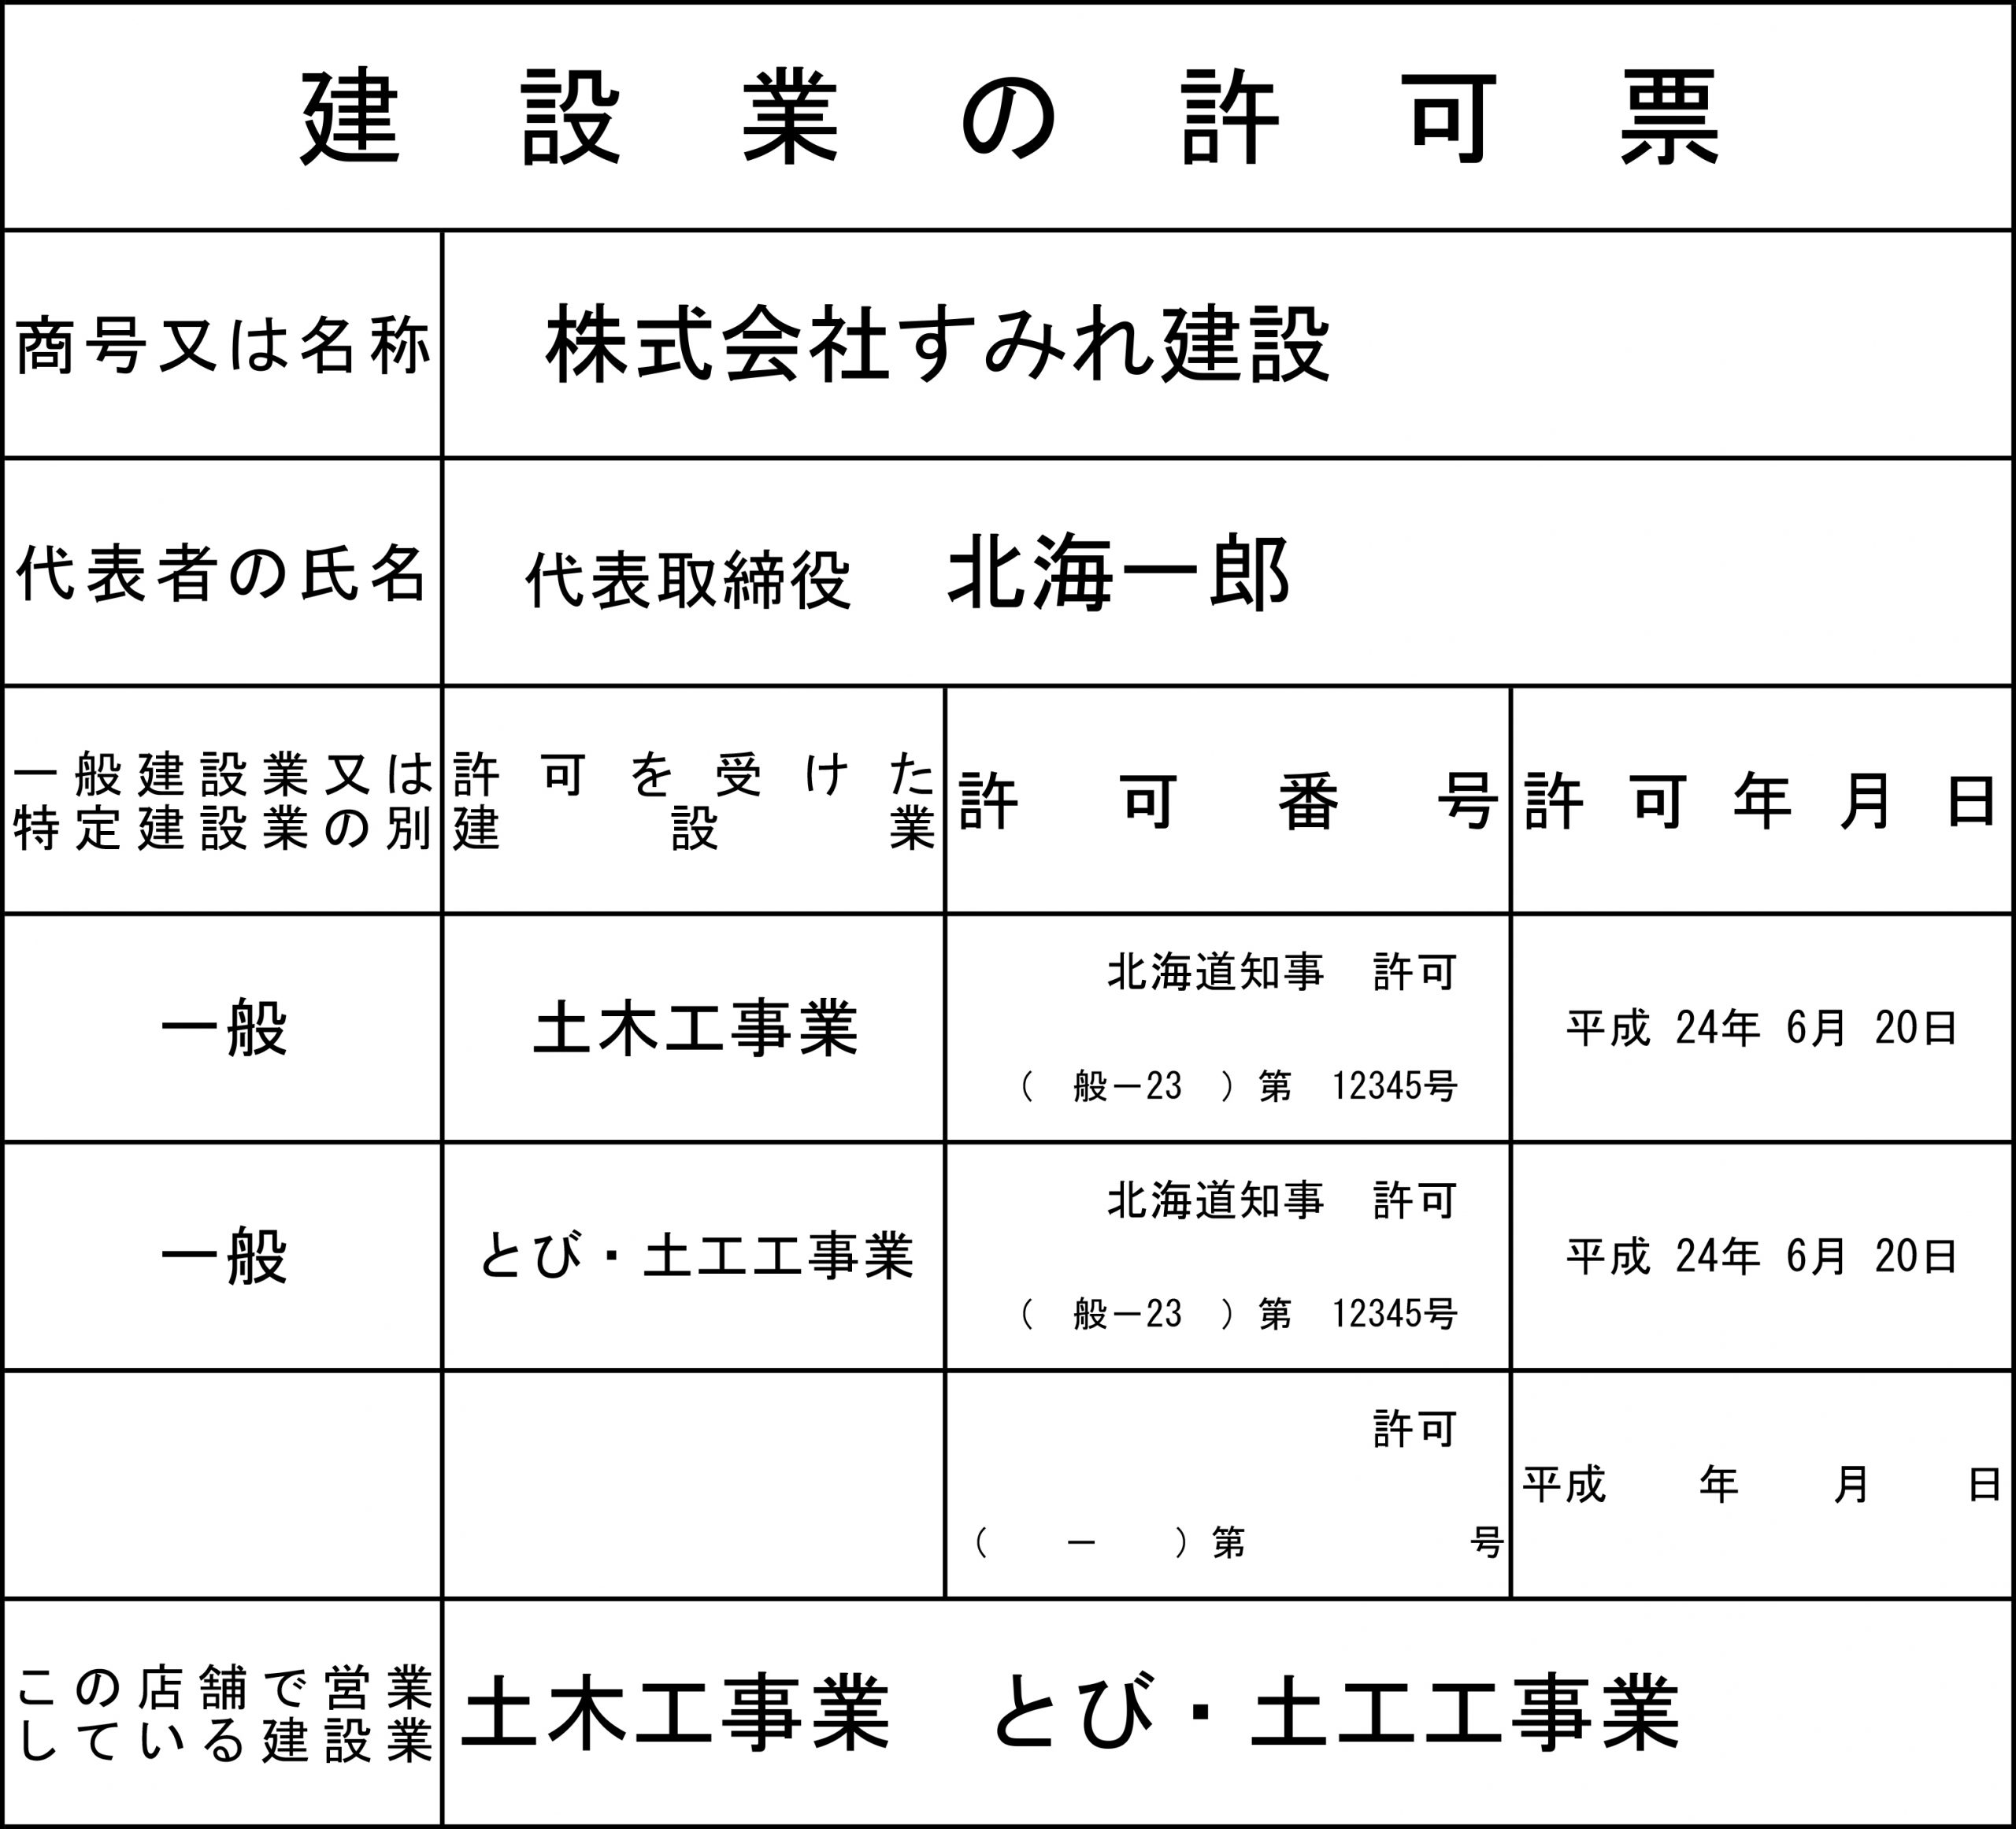 建設業の許可票イメージ